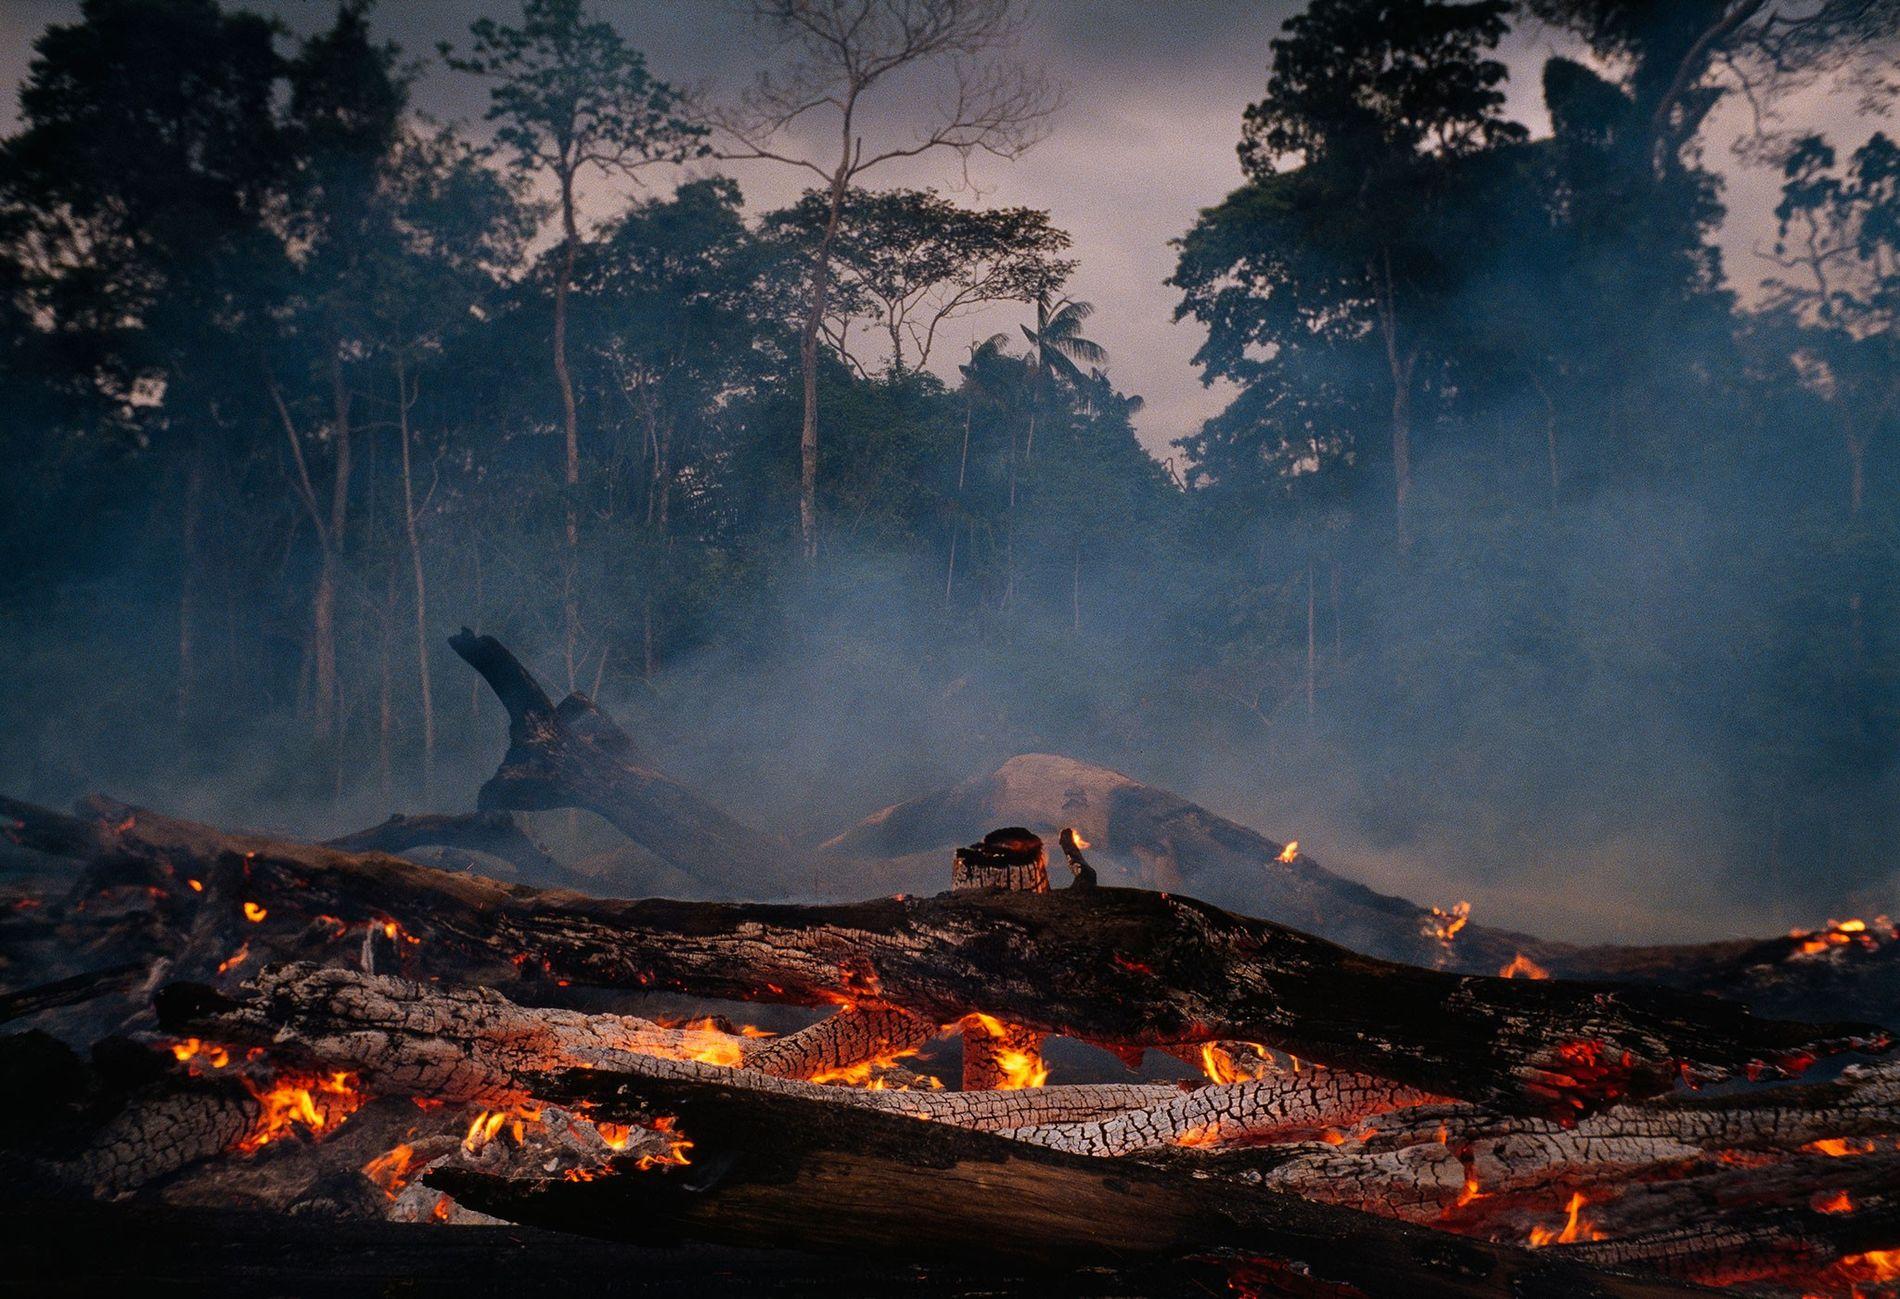 En los últimos años, el ritmo en el que se está despejando la selva en la Amazonía brasileña ha aumentado; y, se espera que, durante el mandato del nuevo presidente, Jair Bolsonaro, se acelere aún más.  Es usual que el bosque se queme para despejarlo y que la tierra se use para el pastoreo o la agricultura.